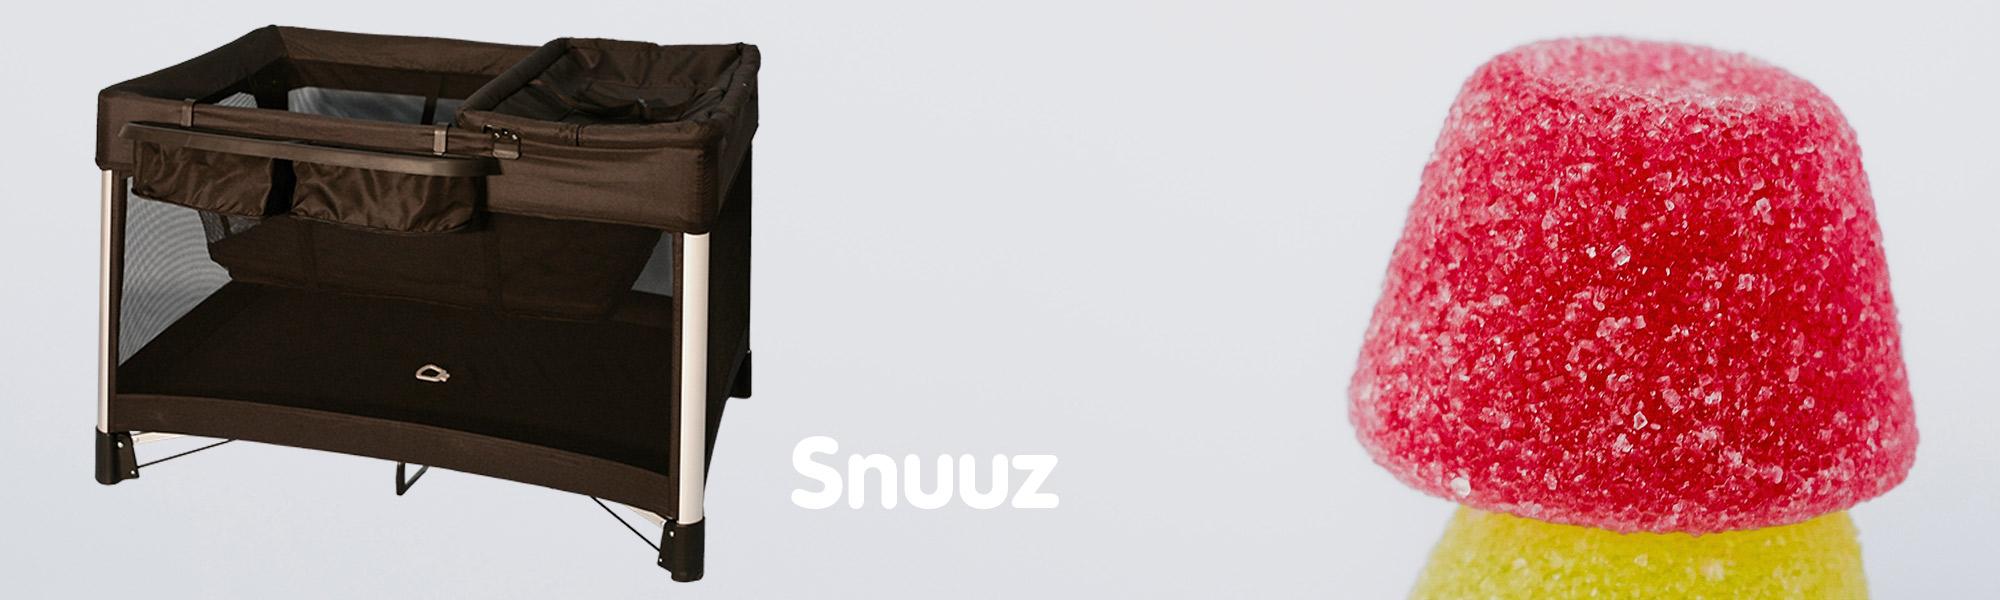 Snuuz-2000x600